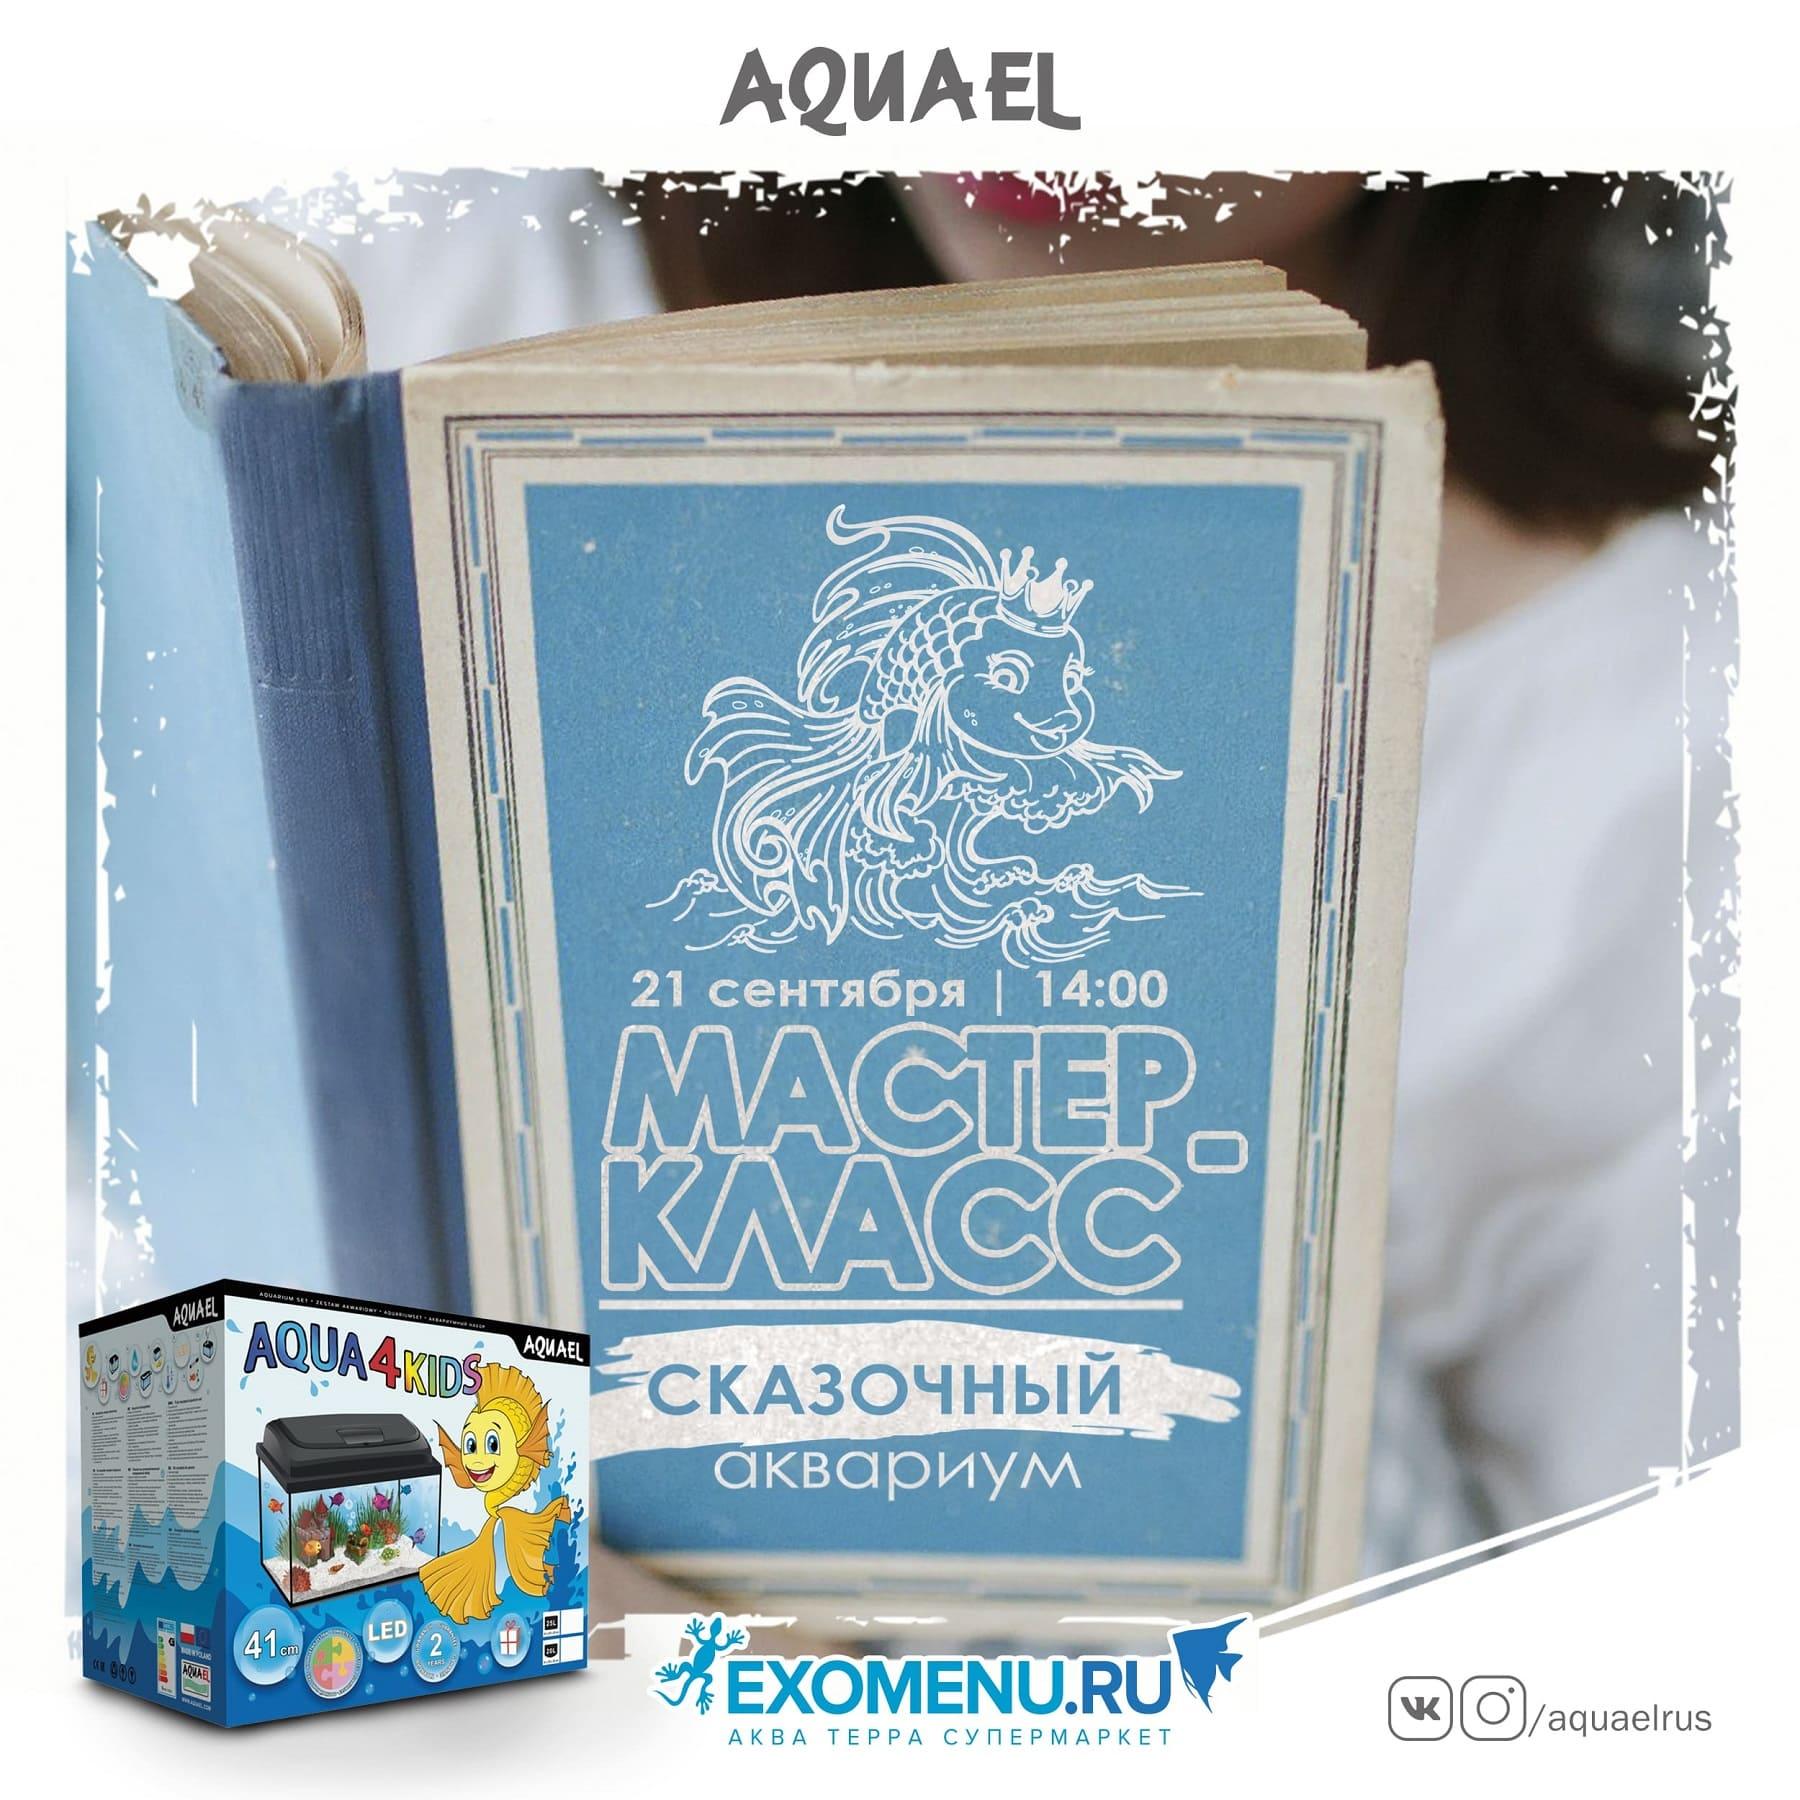 """Мастер-класс """"Сказочный аквариум"""" с AQUAEL 21 сентября"""